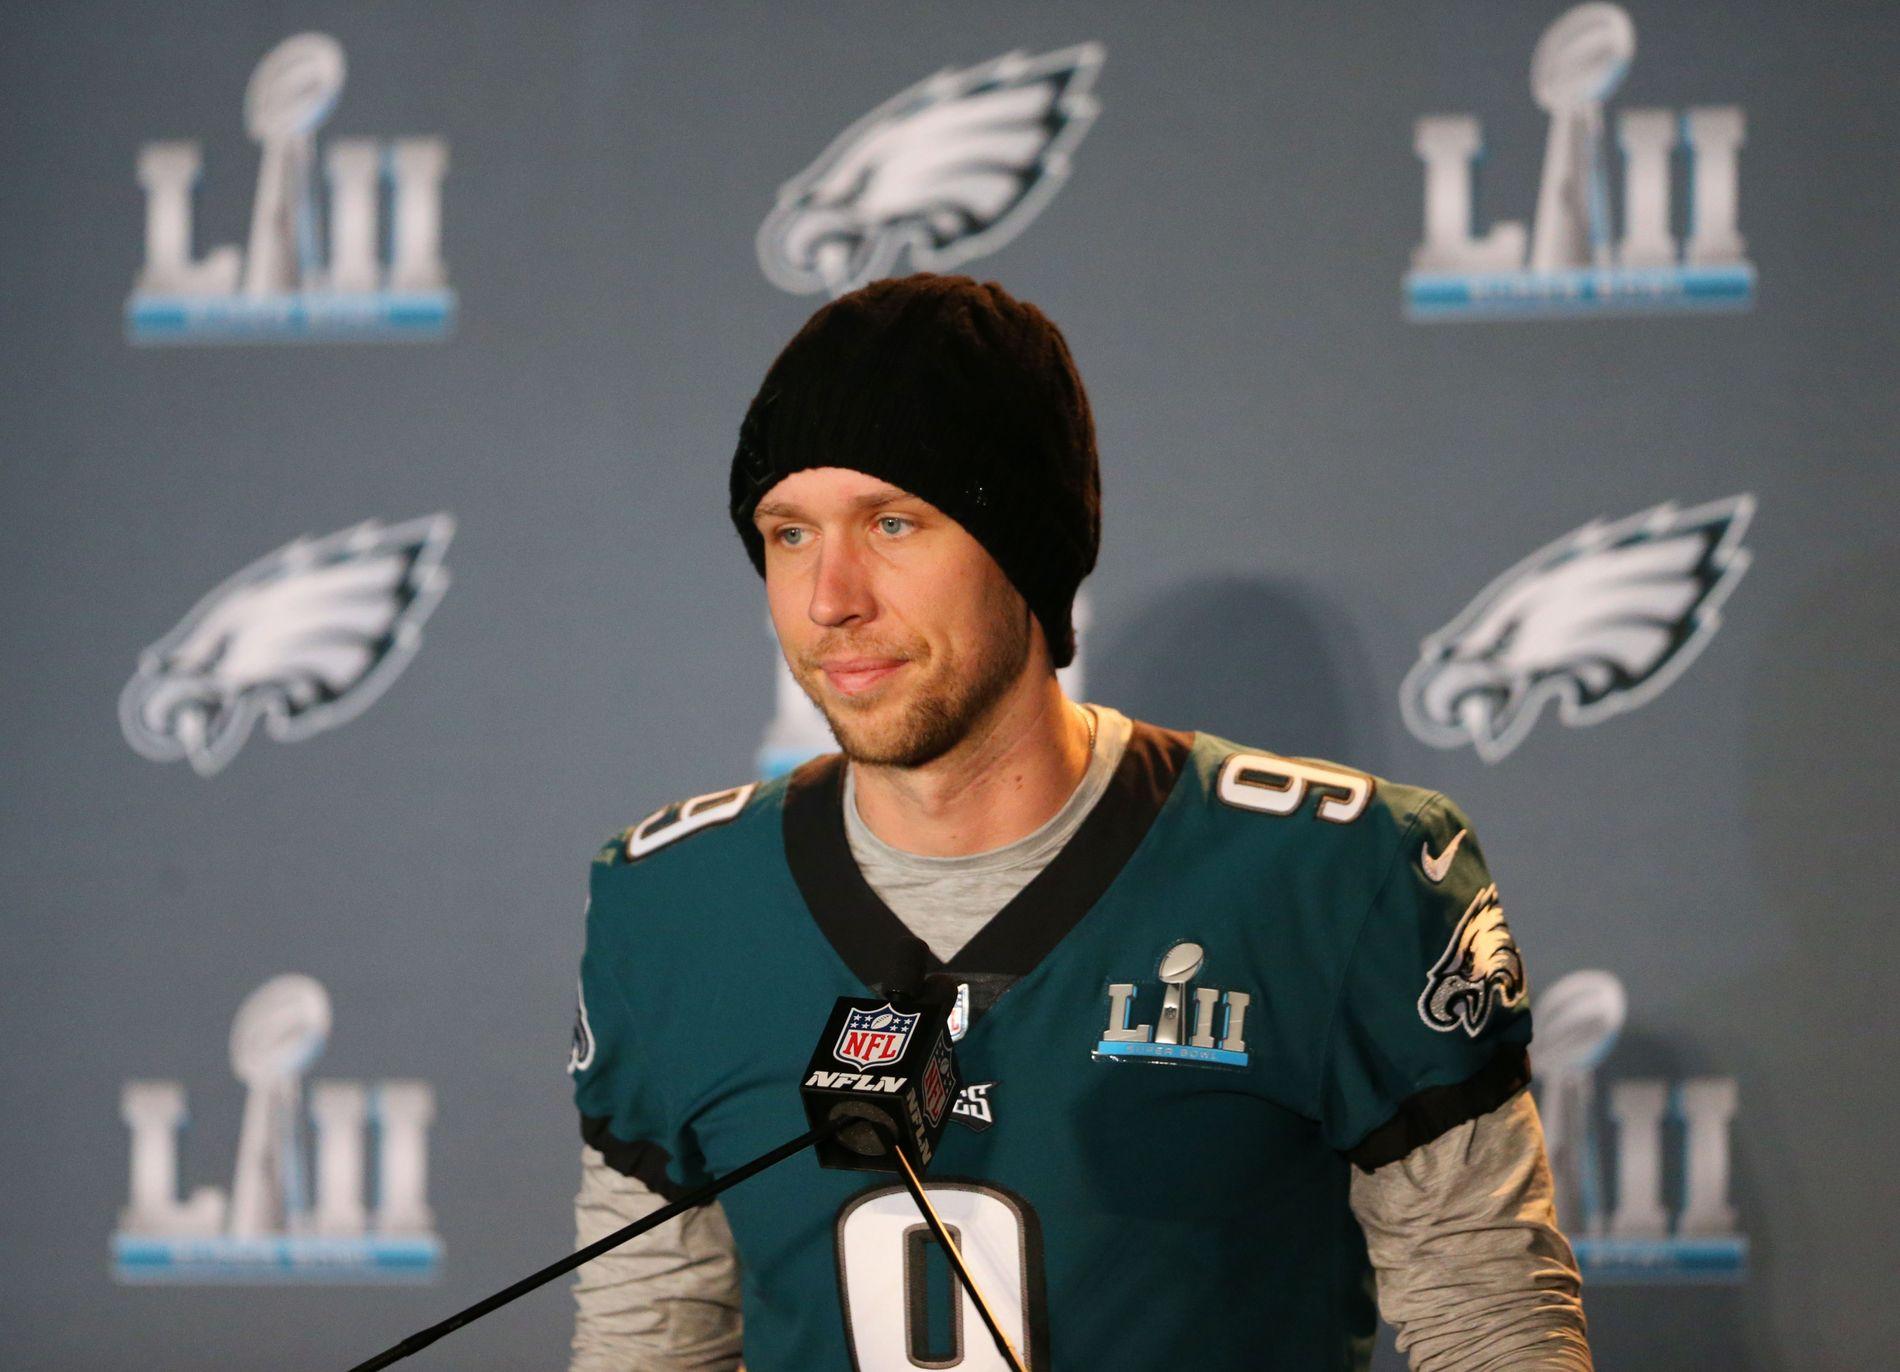 Nick Foles hadde planer om å legge opp for et par år siden. Nå er han i sin første Super Bowl.